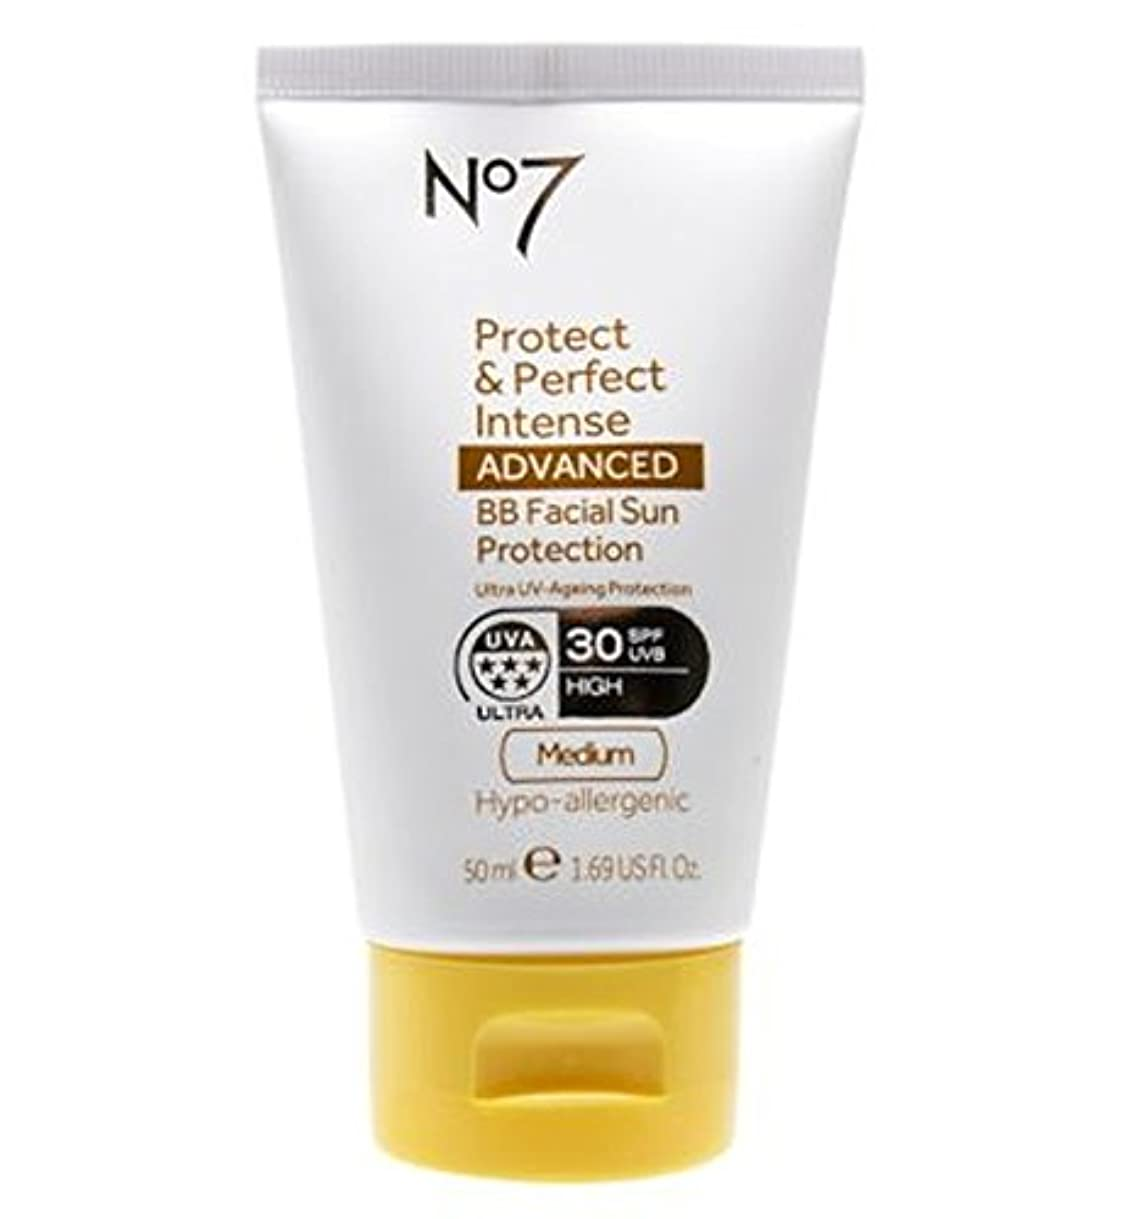 バリア有利洞窟No7 Protect & Perfect Intense ADVANCED BB Facial Sun Protection SPF30 Medium 50ml - No7保護&完璧な強烈な先進Bb顔の日焼け防止Spf30...